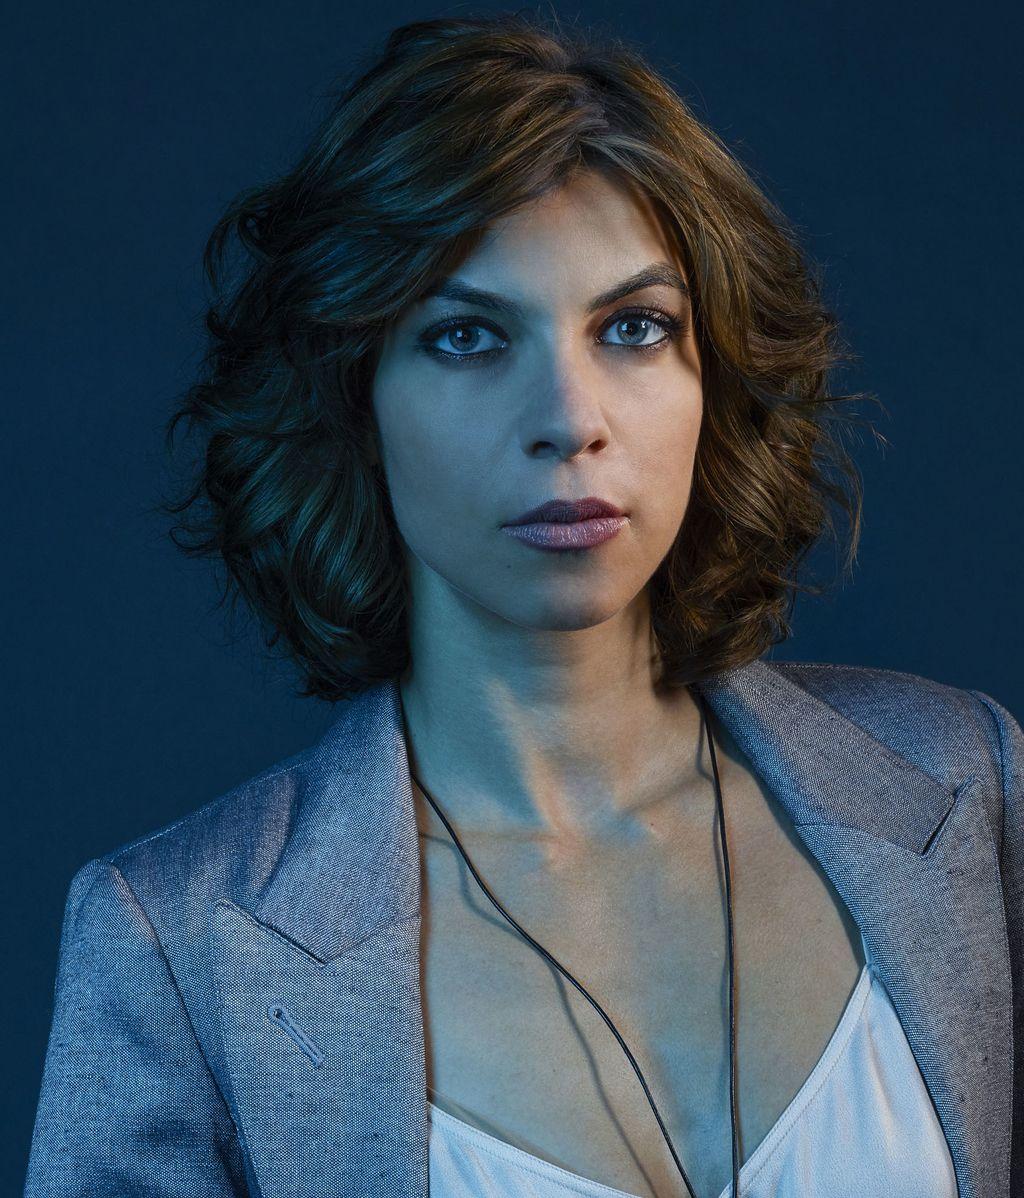 Natalia Tena en 'Inteligencia colectiva' de TNT